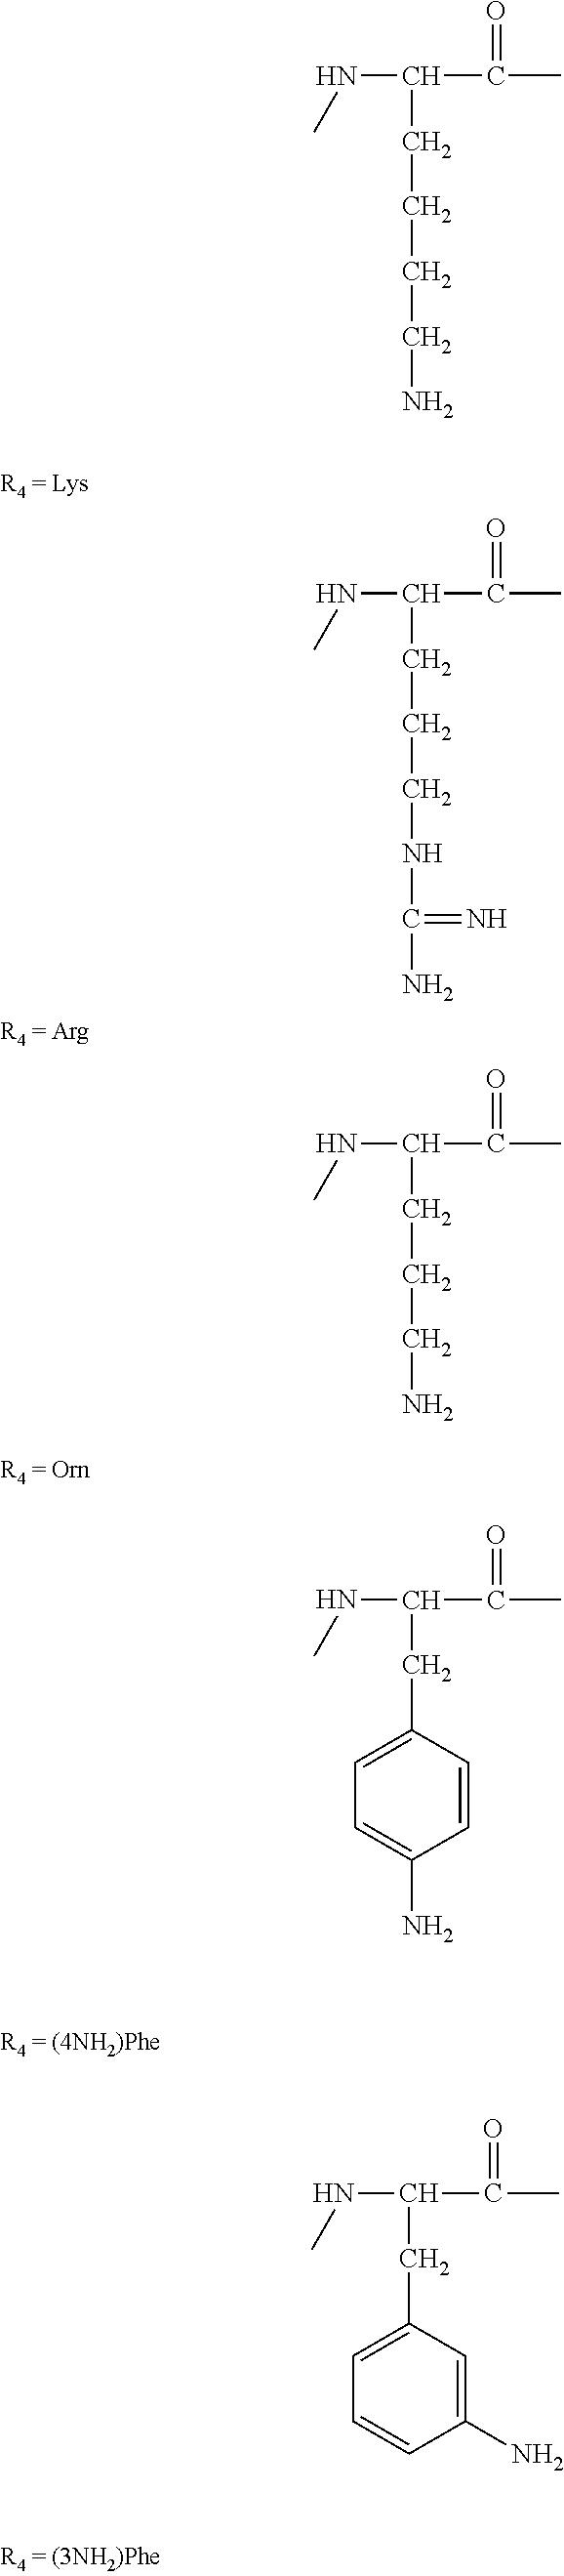 Figure US20110190212A1-20110804-C00077